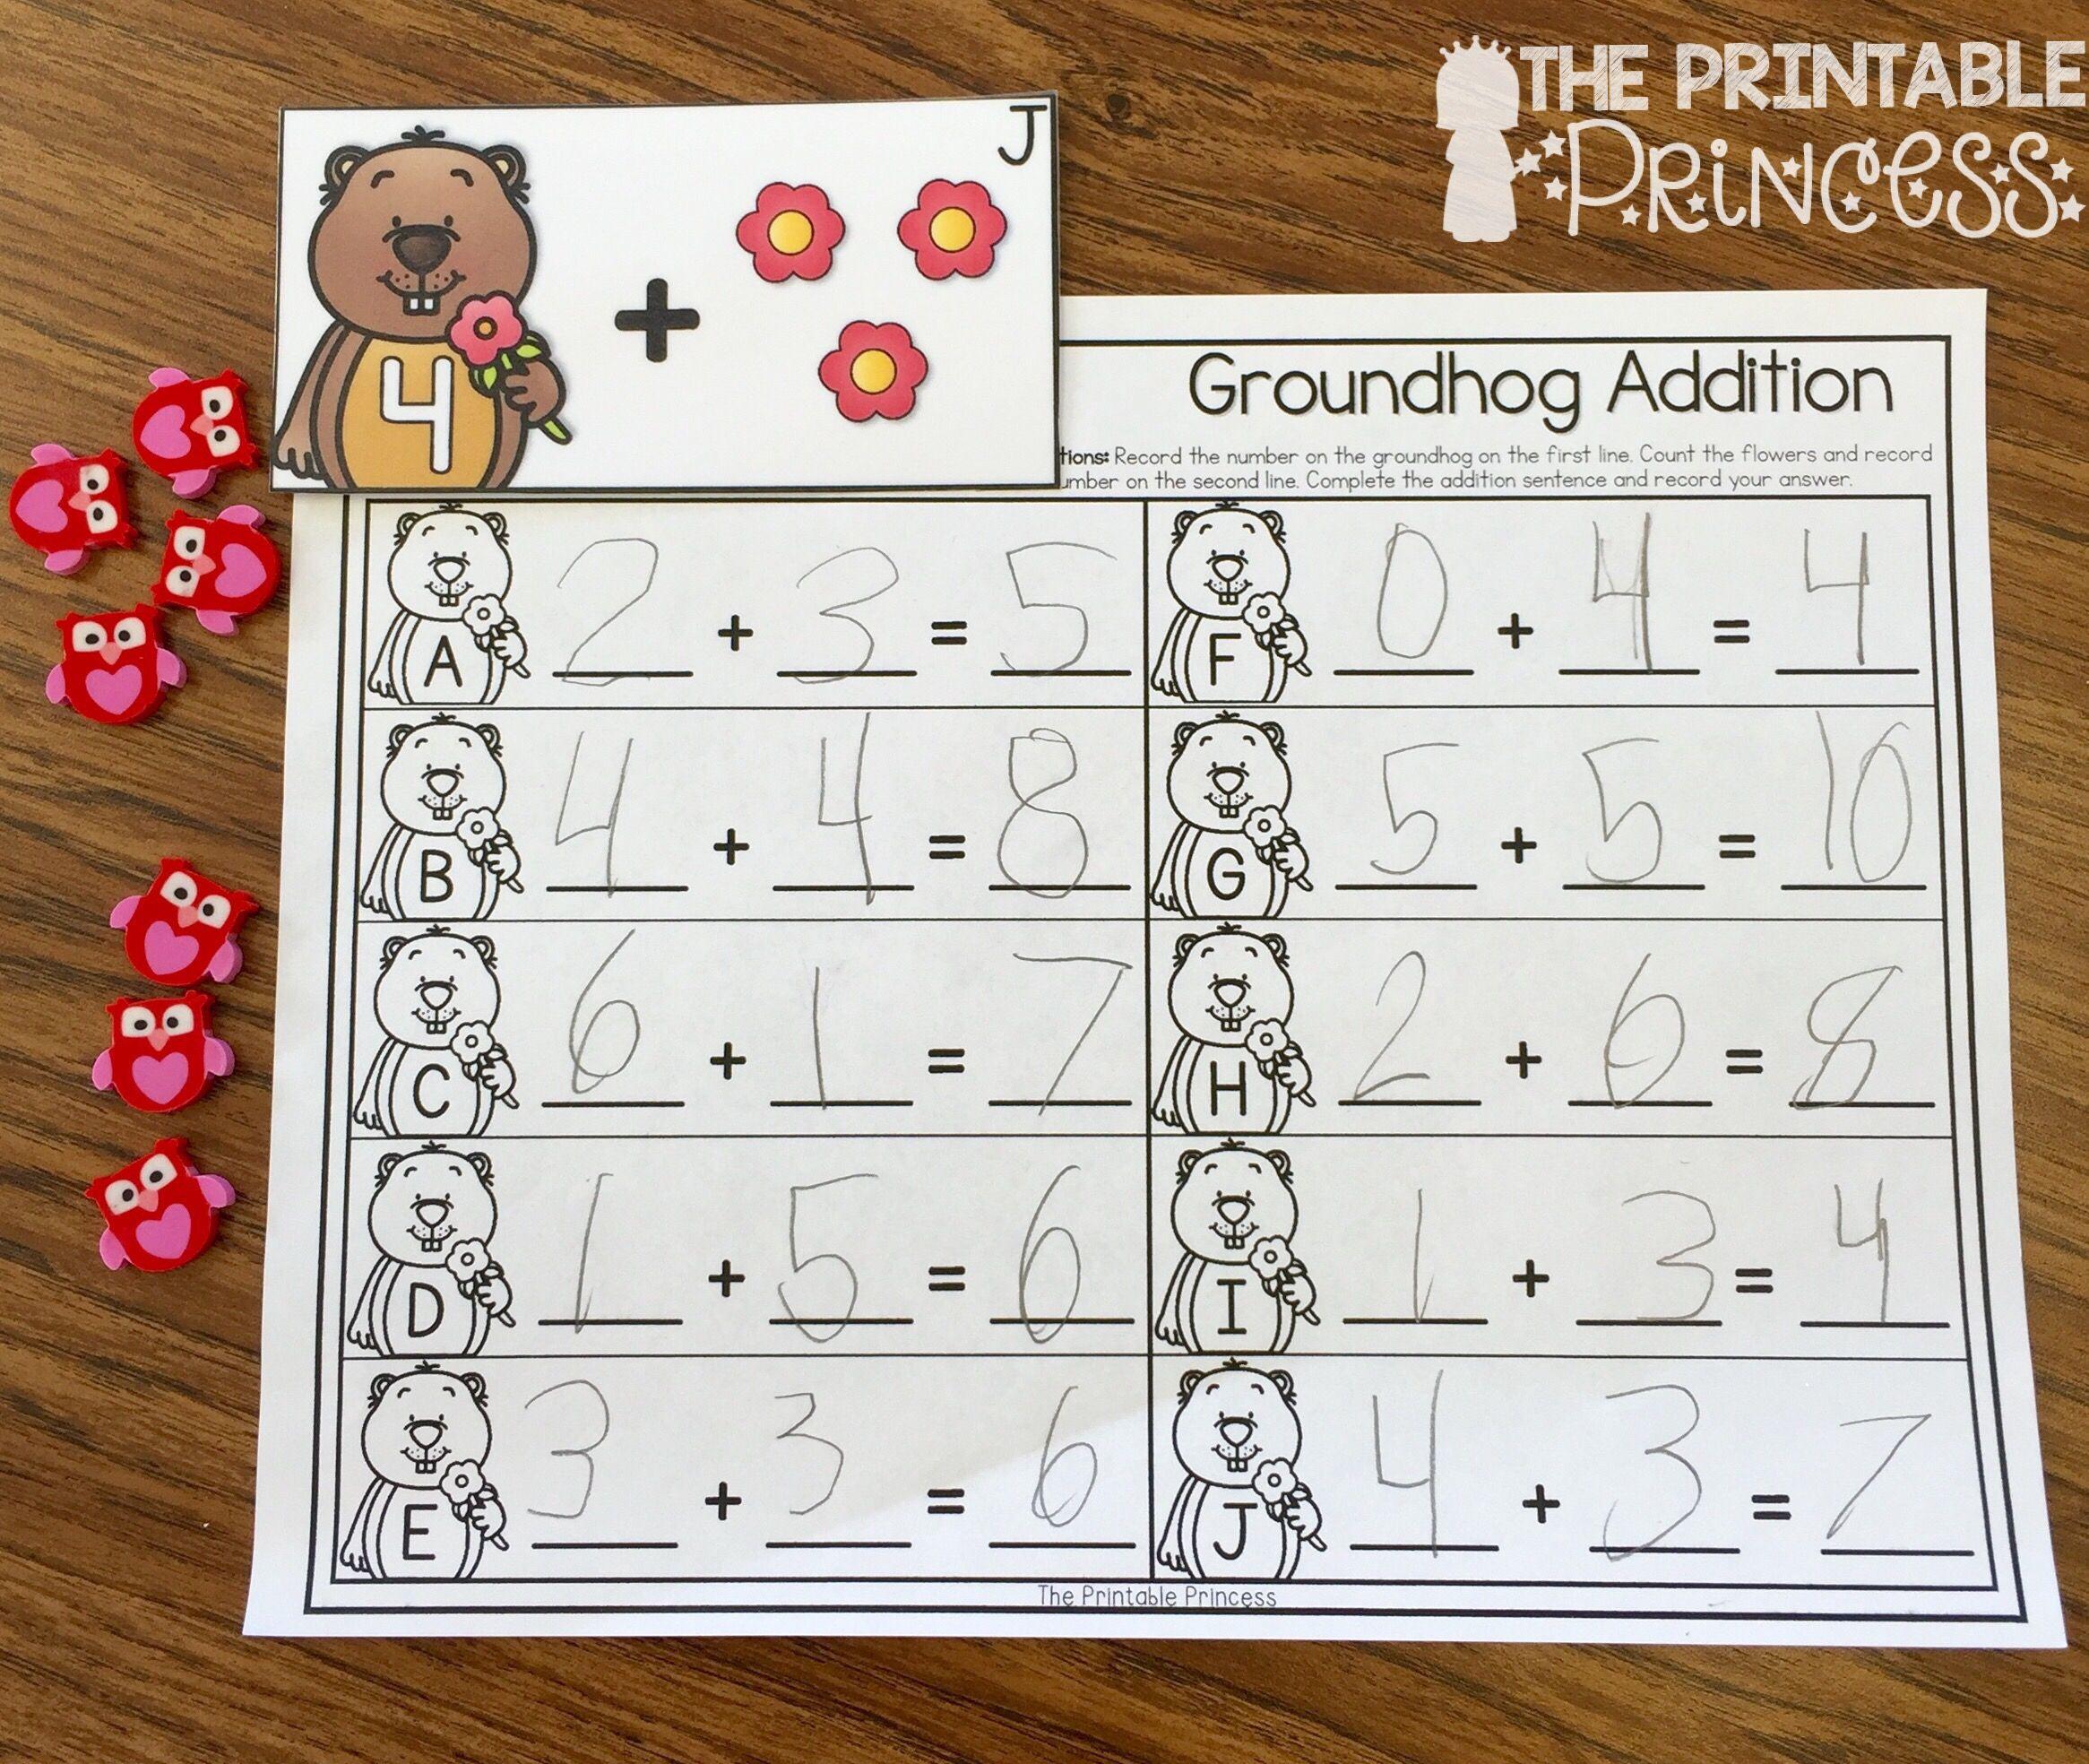 Kindergarten Groundhog Day Activities And Centers Math